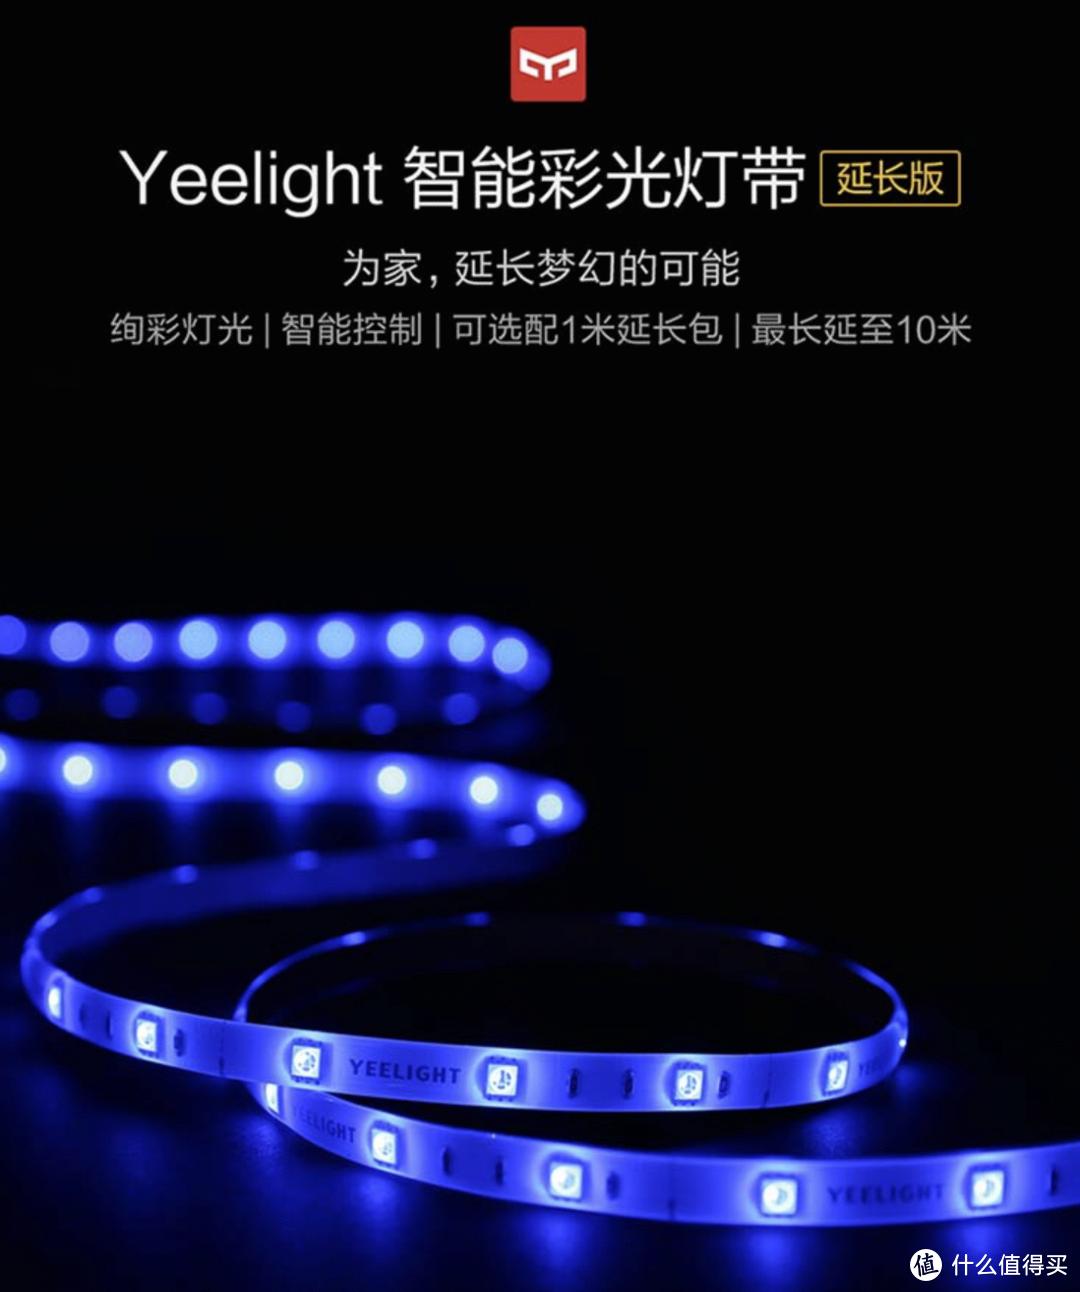 桌面 RGB 灯效「剁手清单」:教你玩转拟辉光灯、氛围灯、彩光灯带